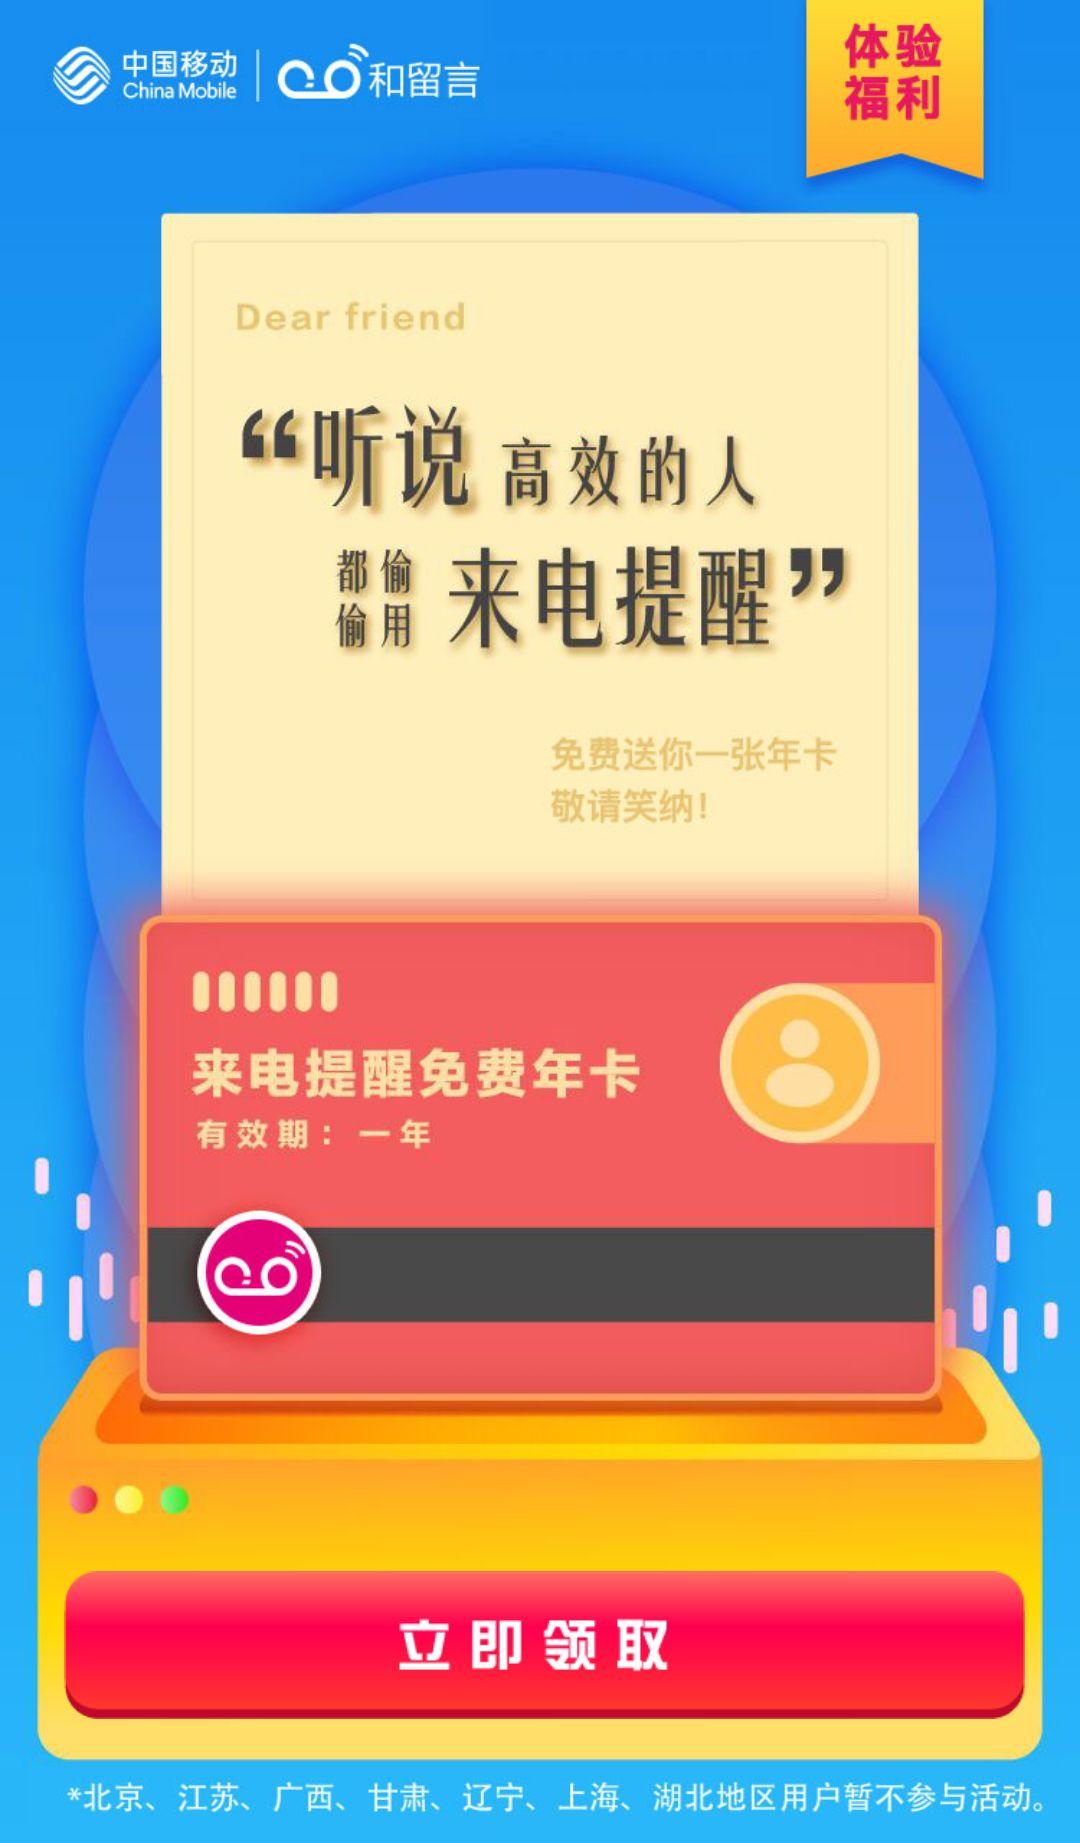 中国移动和留言免费领取来电提醒 限部分地区参加